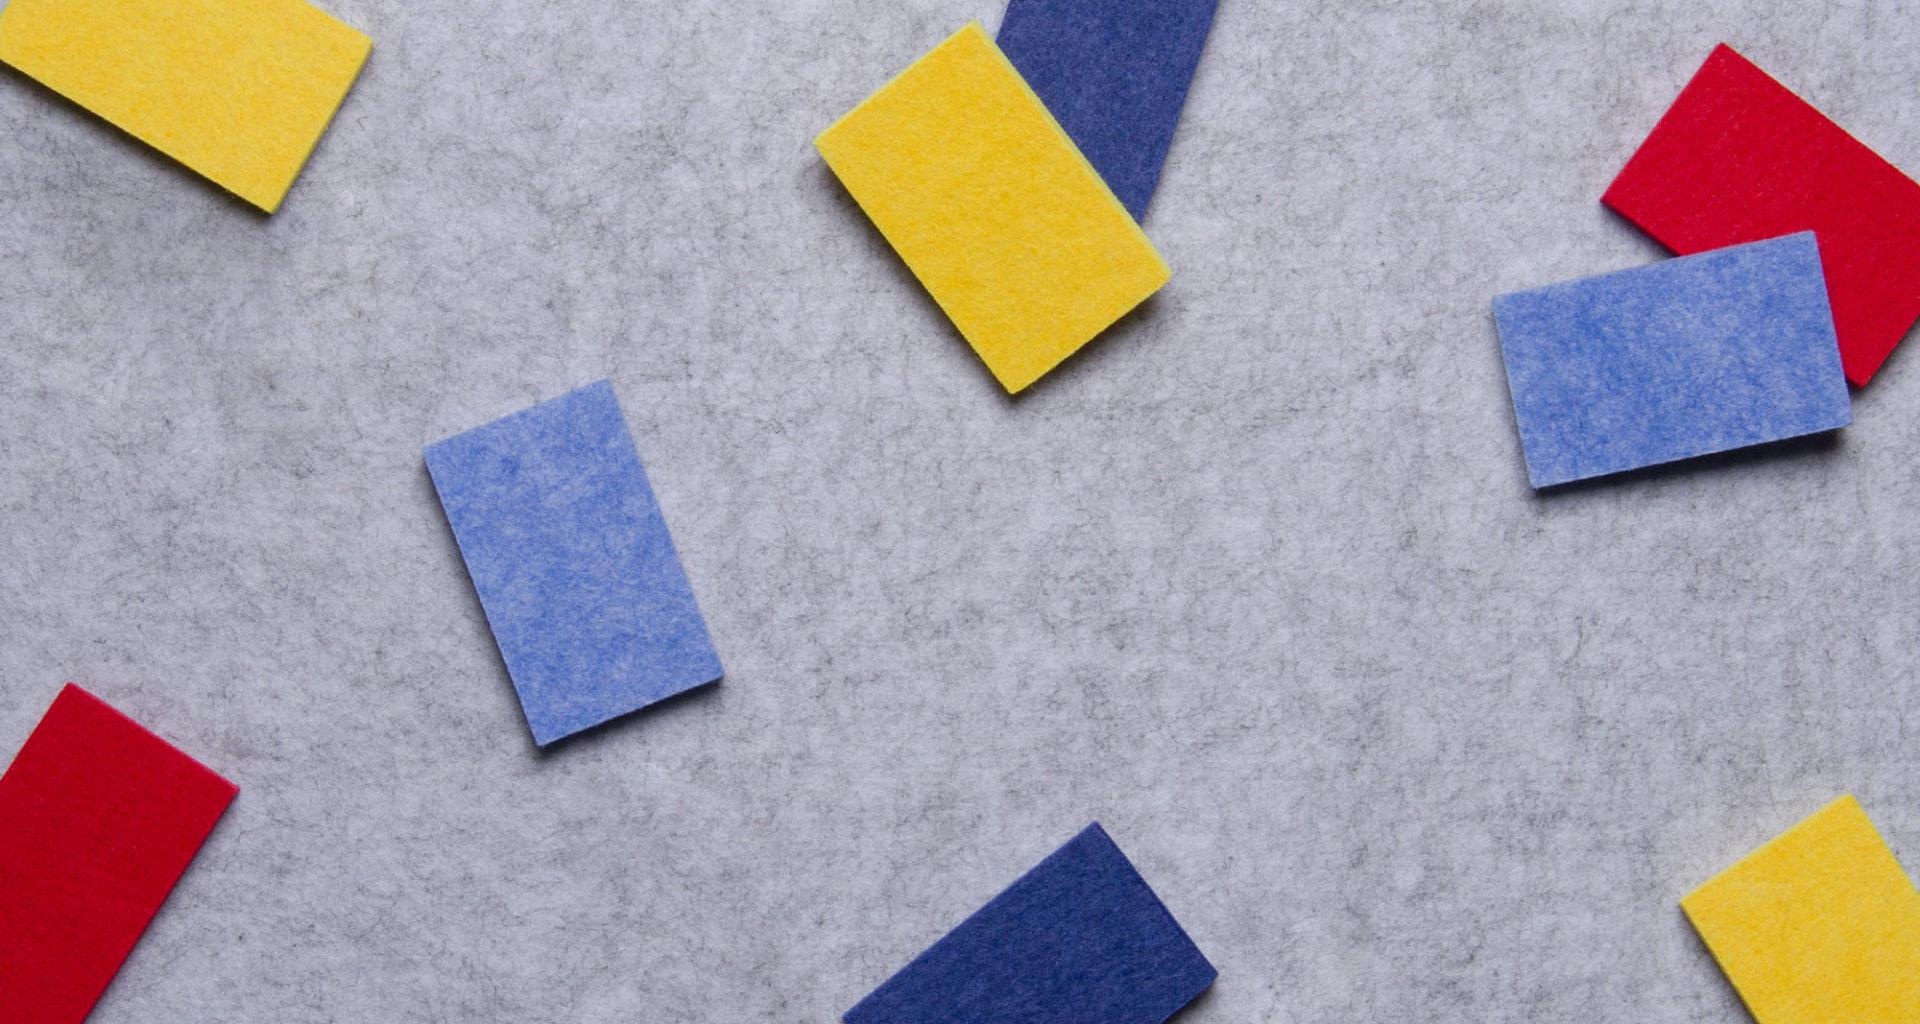 ReFelt PET Felt Acoustic Panels Detail Samples